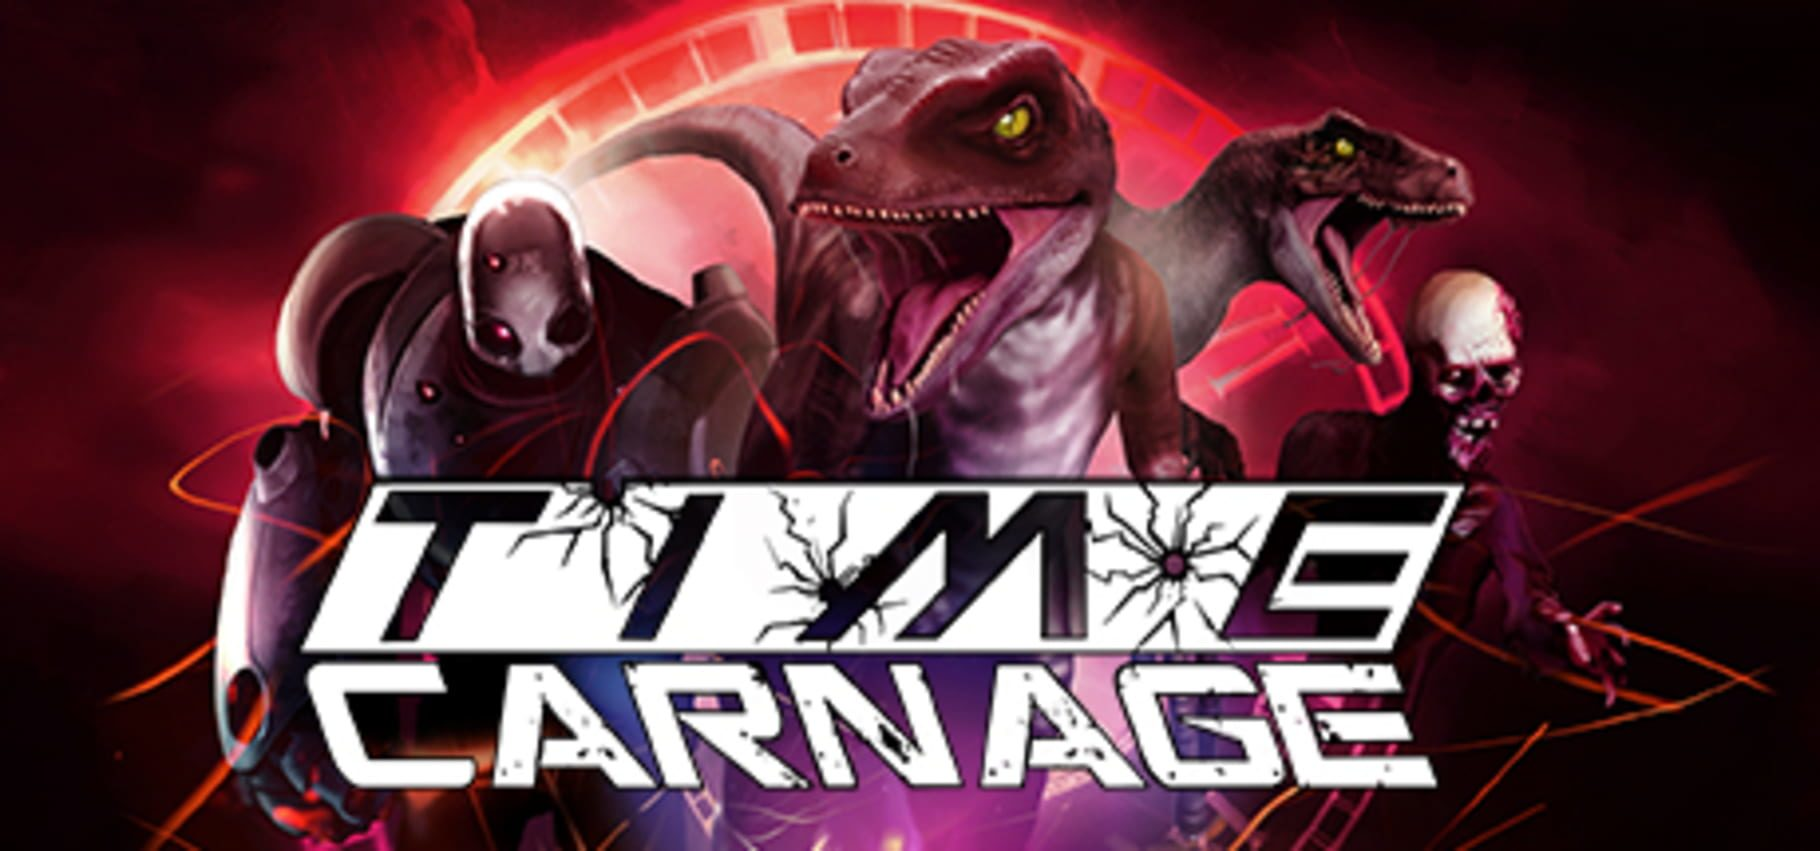 buy Time Carnage cd key for all platform